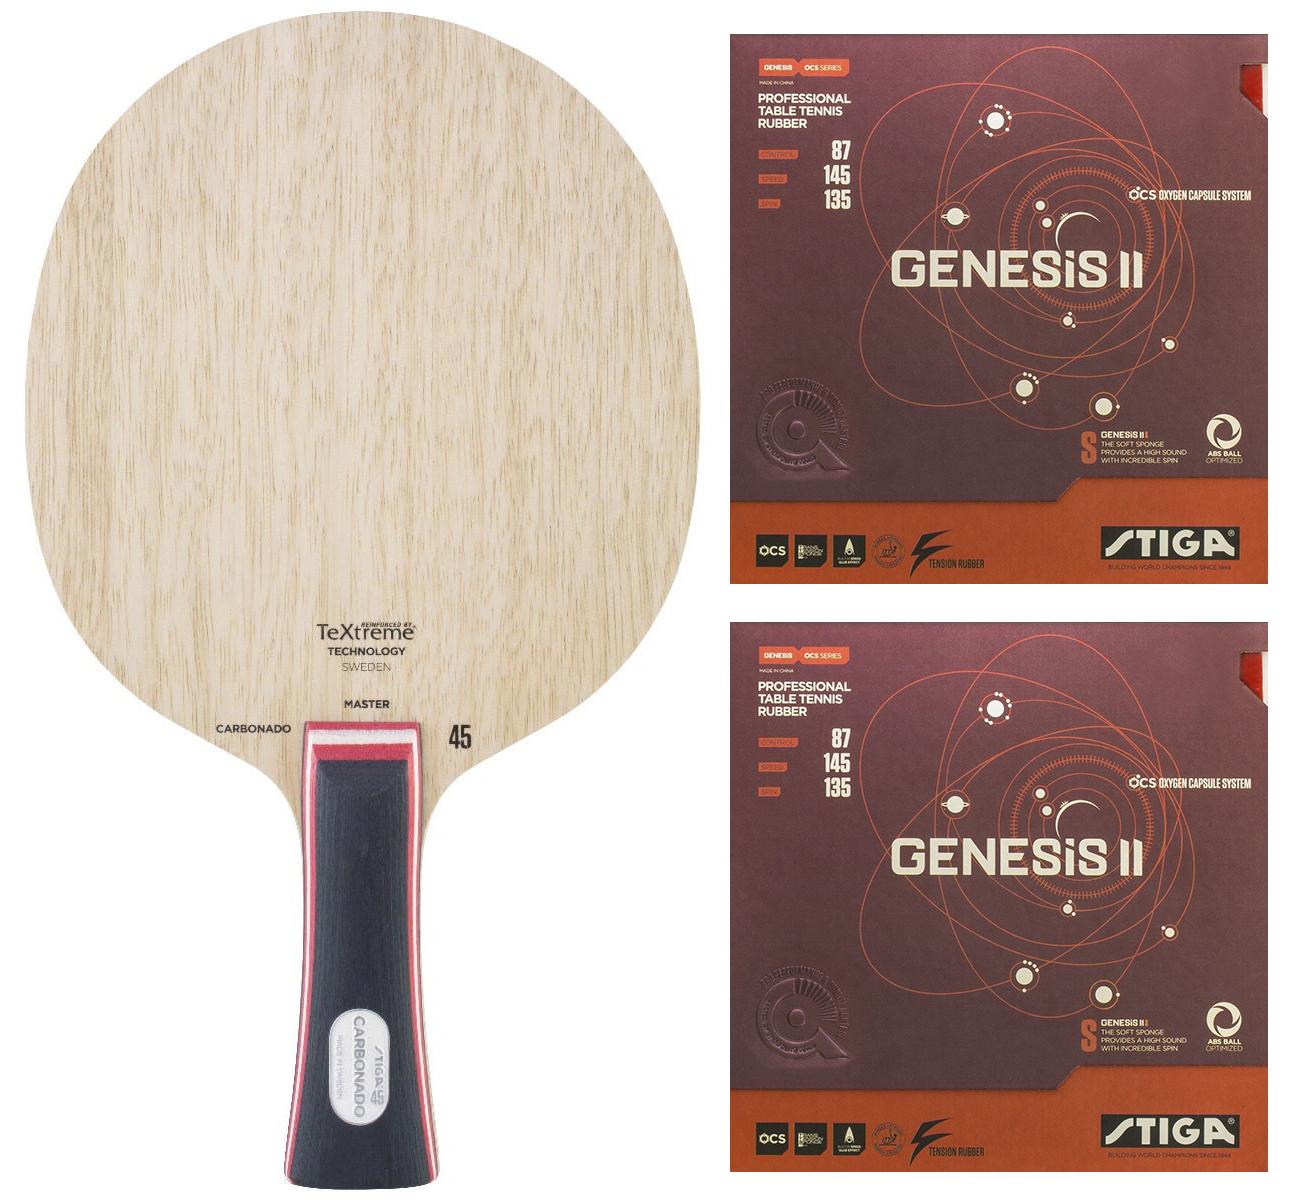 Stiga Carbonado 45 + Genesis II S